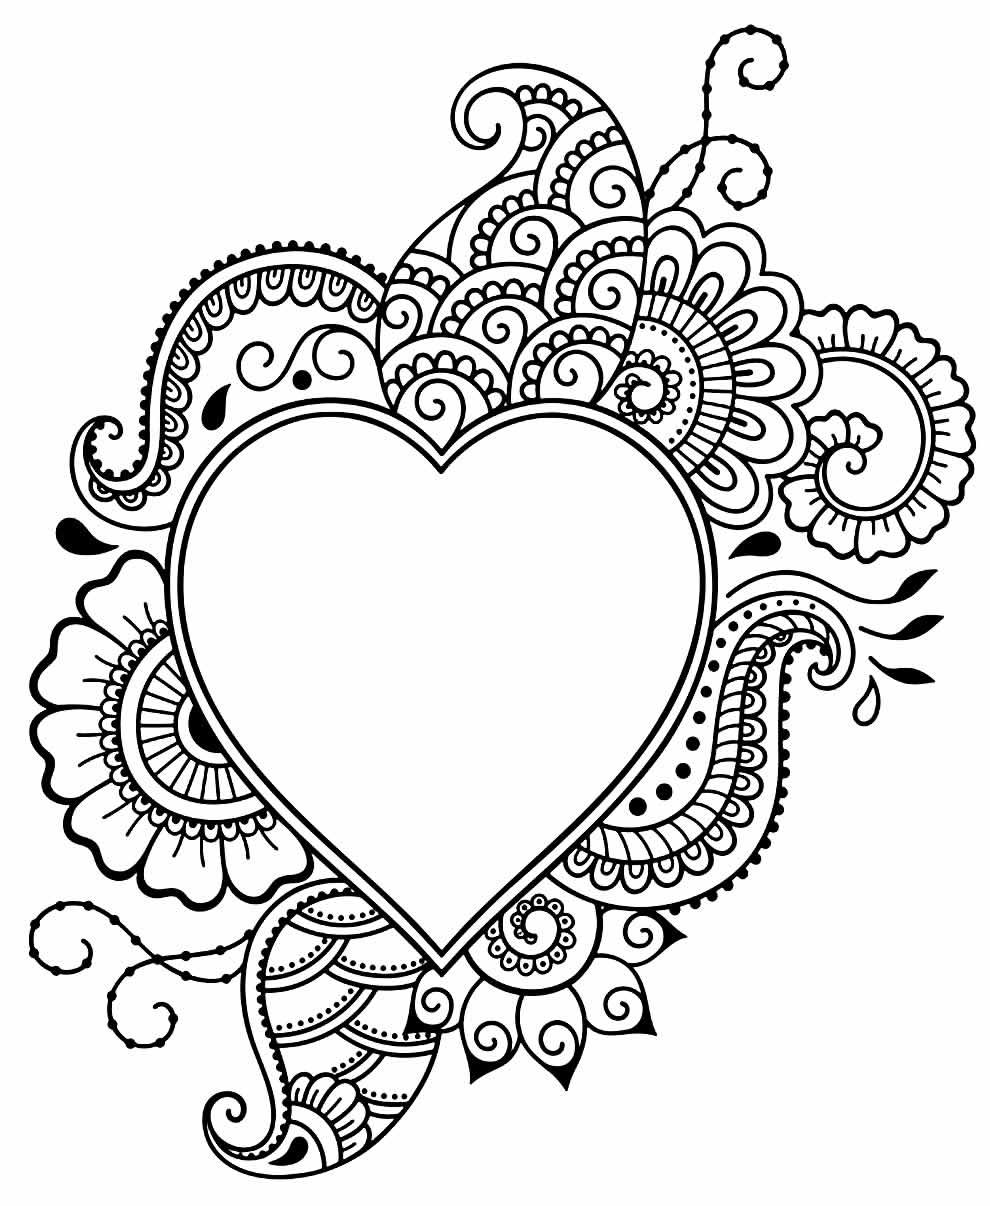 Desenho lindo de coração para pintar